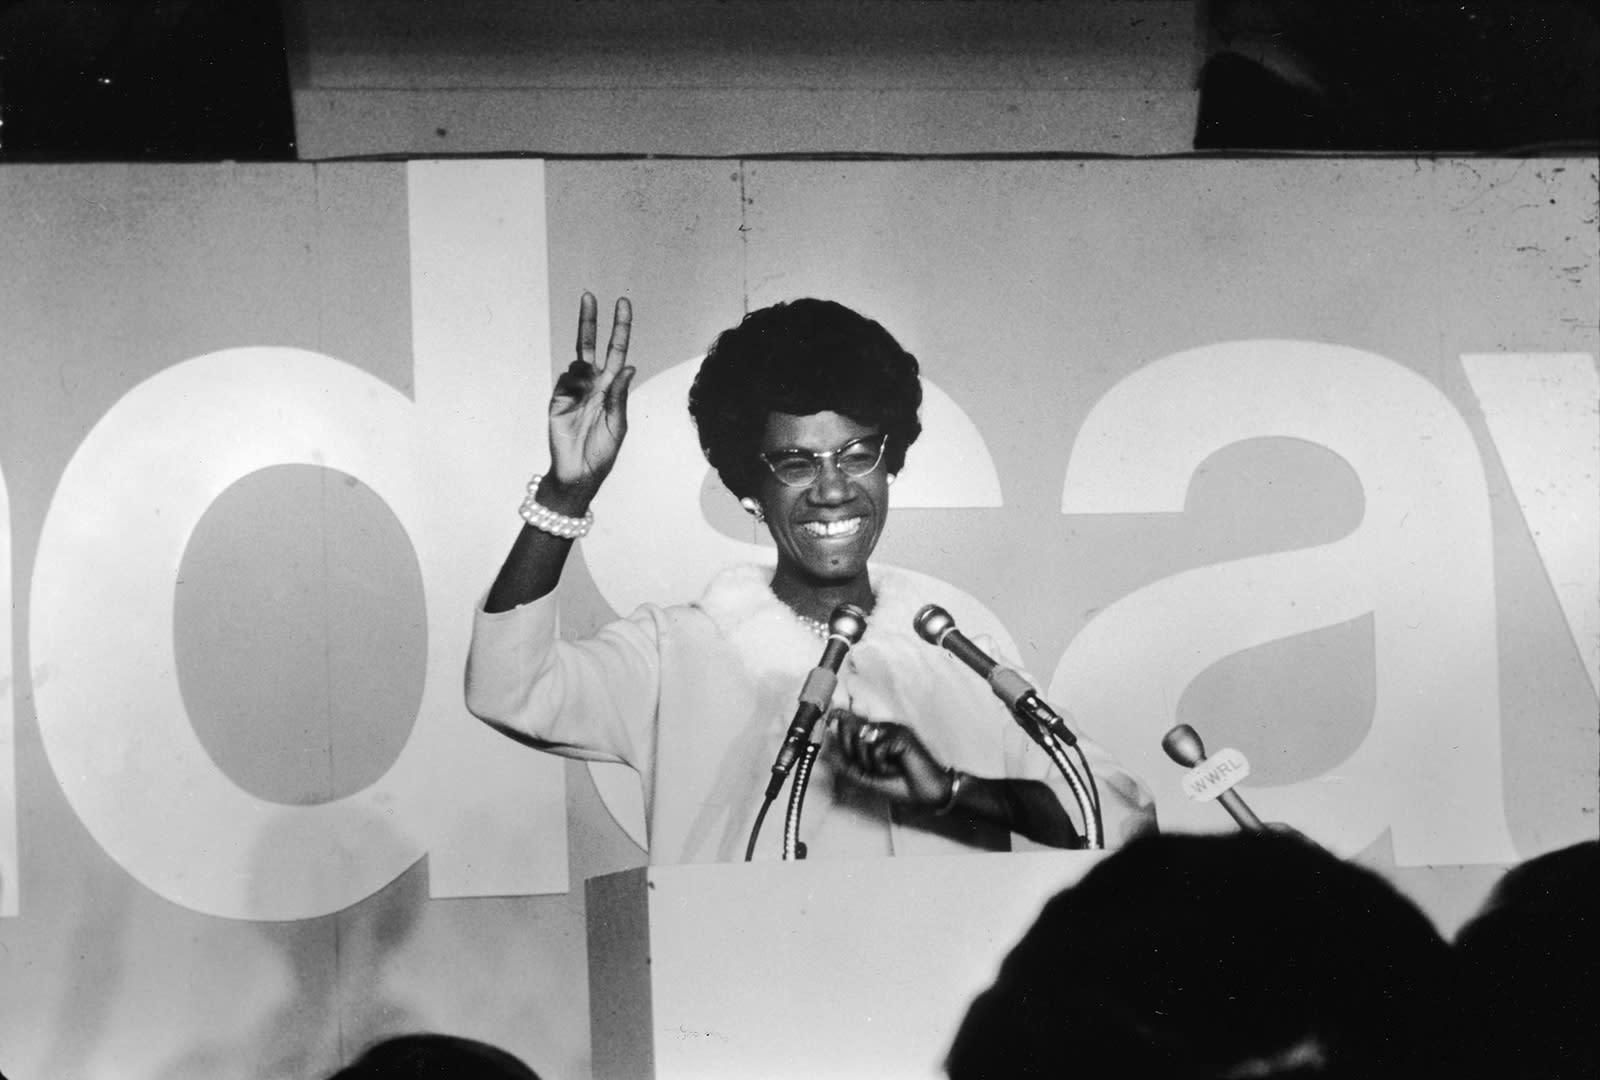 كامالا هاريس بالبدلة البيضاء..نظرة على تاريخ حق المرأة بالتصويت والنساء بمراكز القيادة في أمريكا اللواتي ارتدين اللون الأبيض